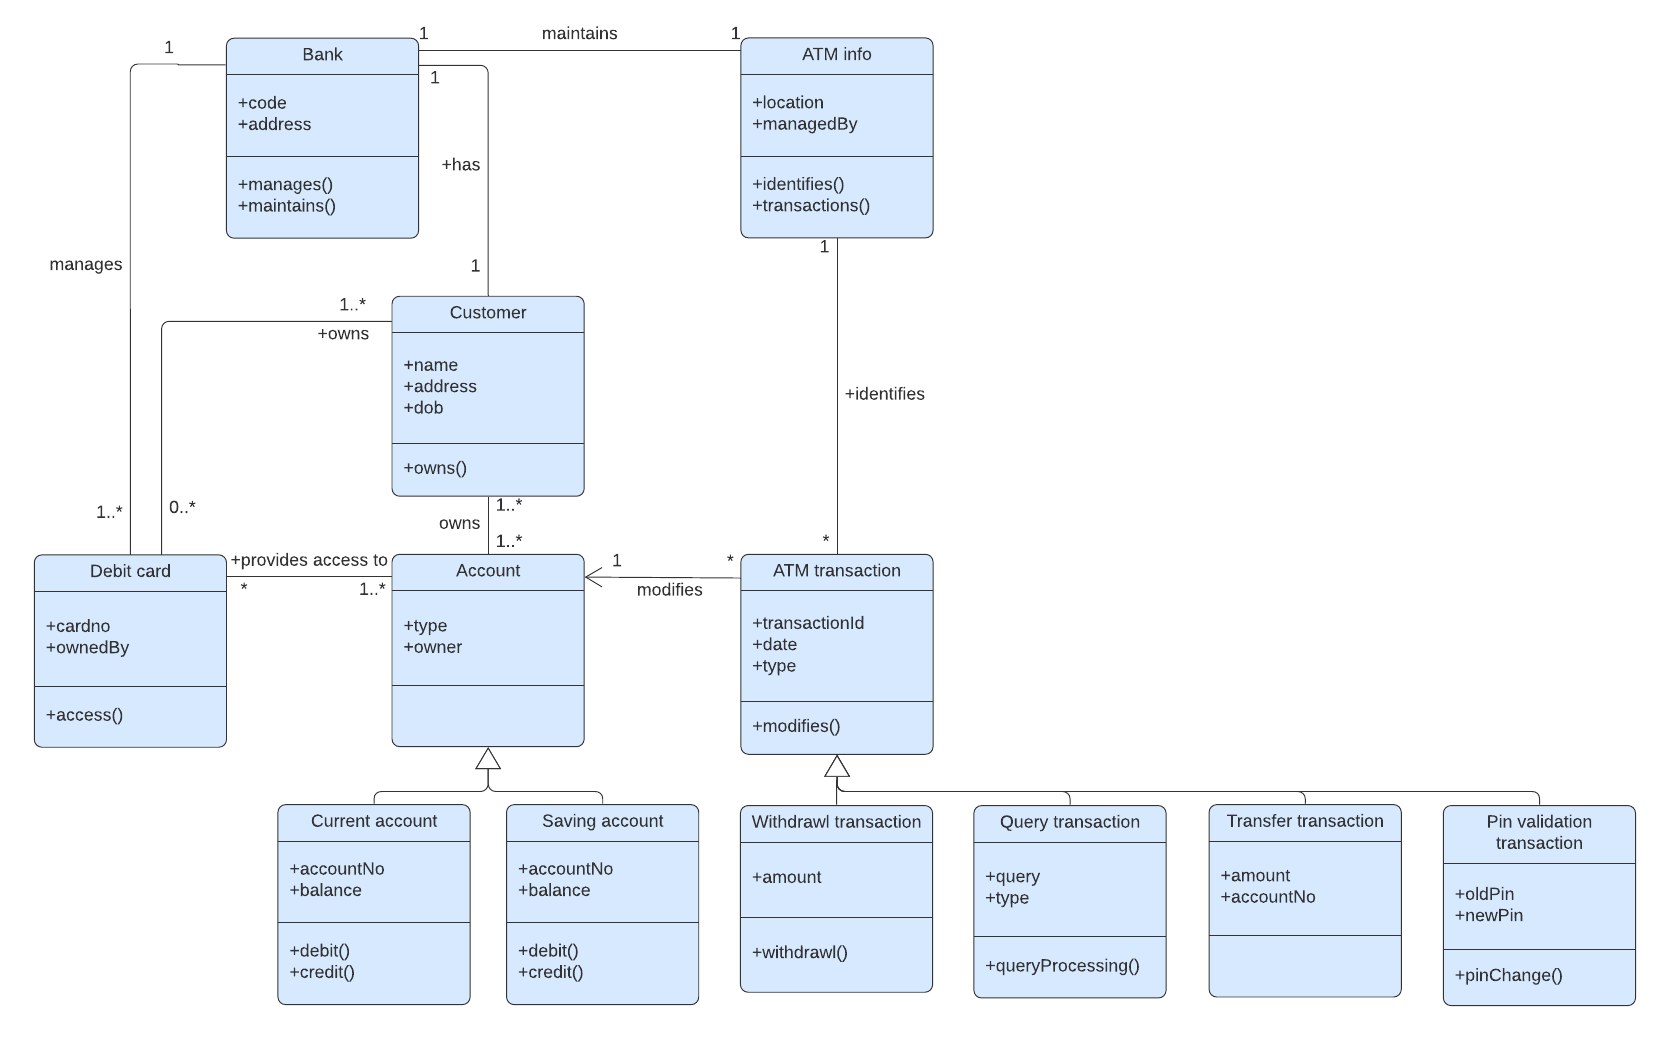 UML class diagram example